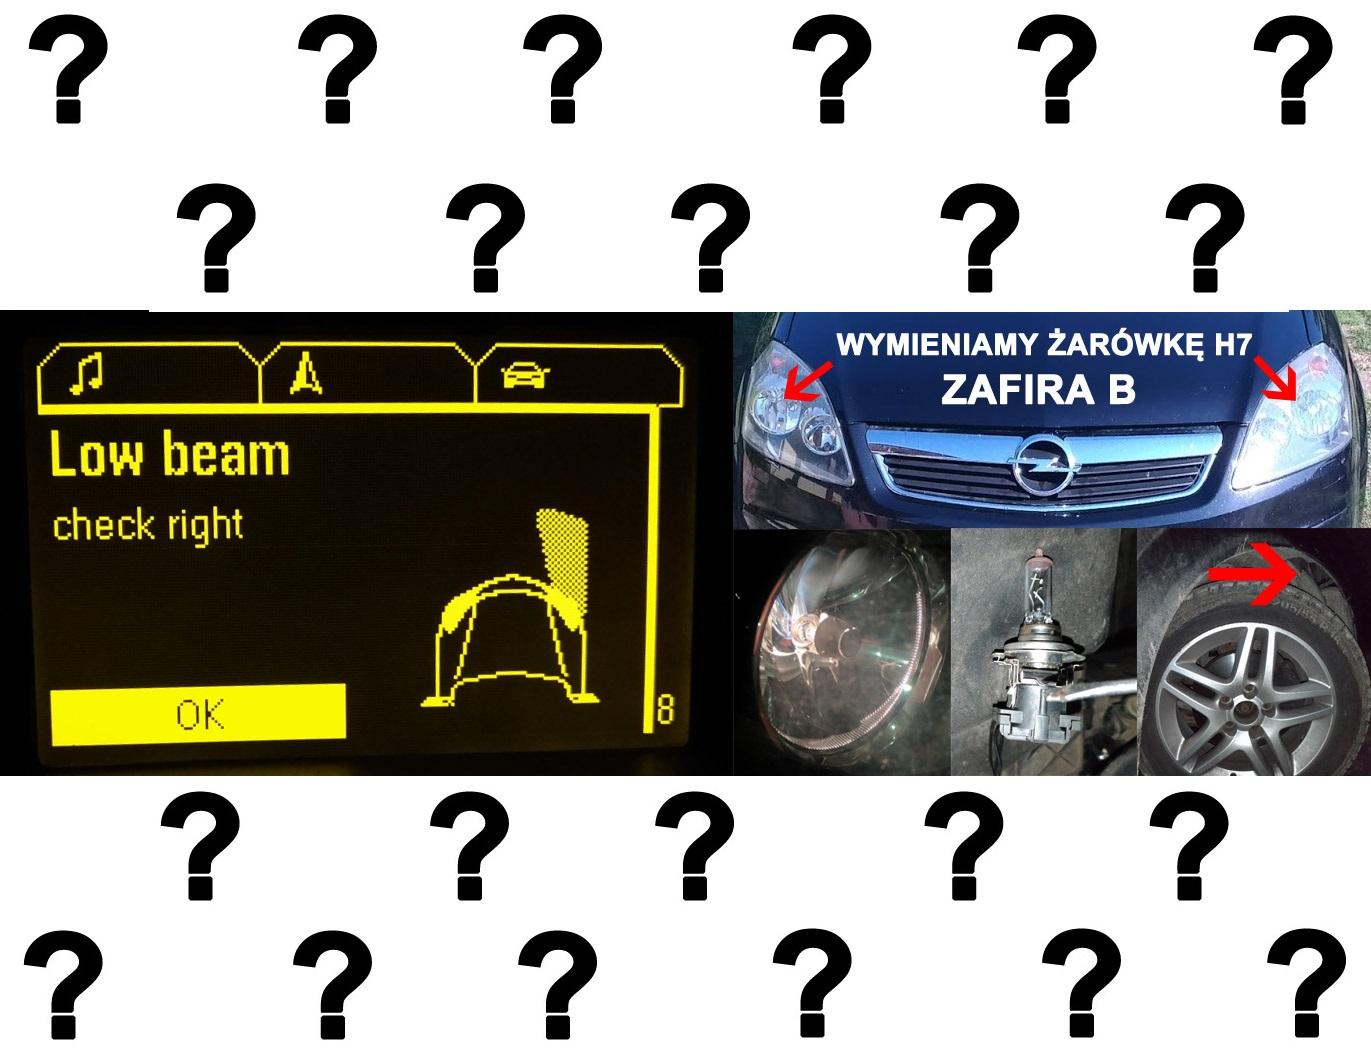 Jak wymienić żarówkę H7 Opel Zafira B / Astra h Jeśli żarówka H7 (światła mijania)